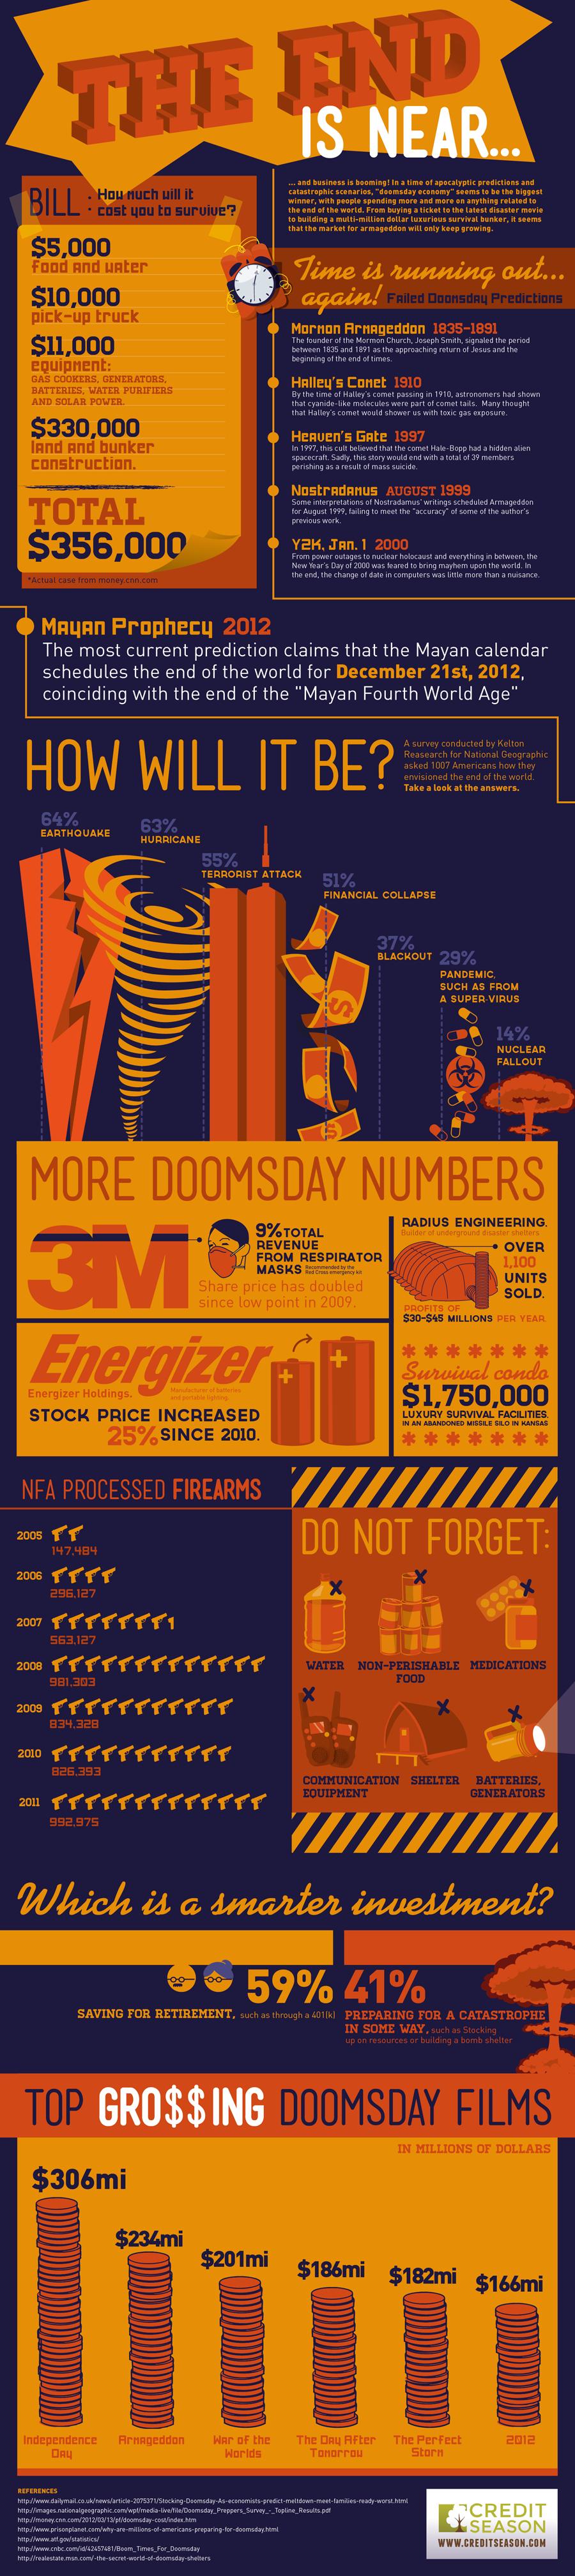 DoomsdayEconomy_4ffde5137e826